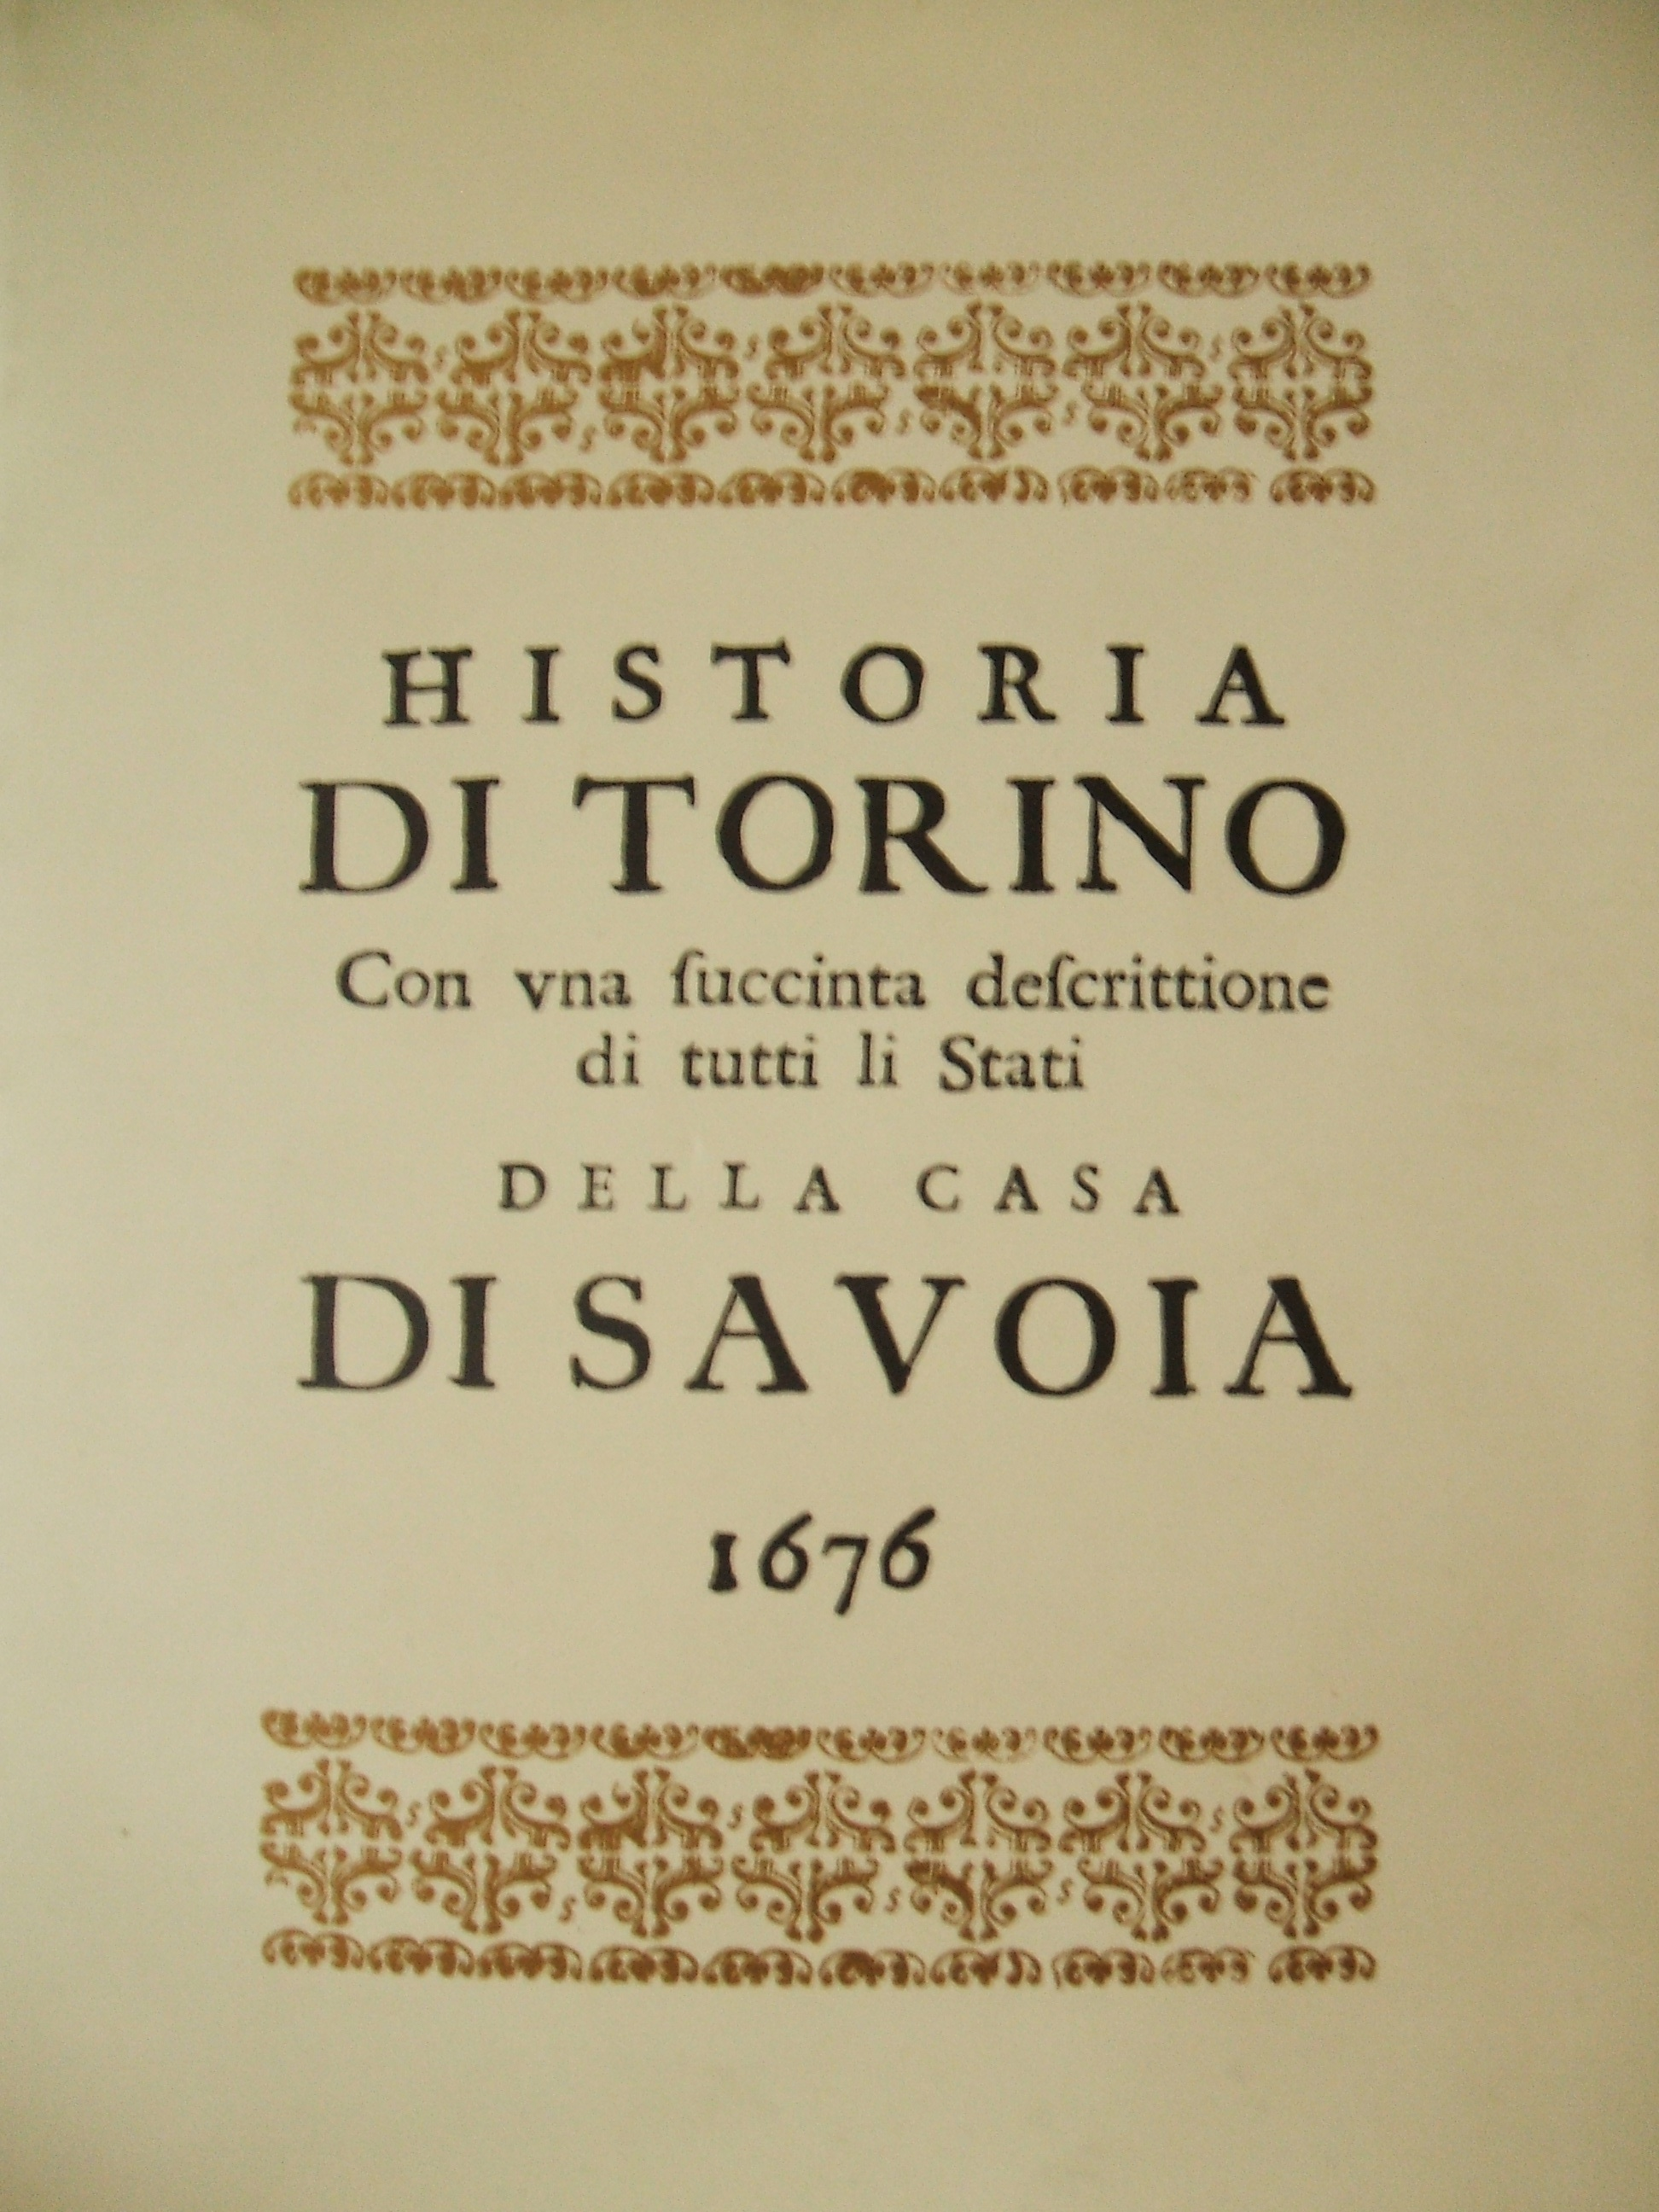 Storia del Piemonte - Wikipedia 5e4920fae44